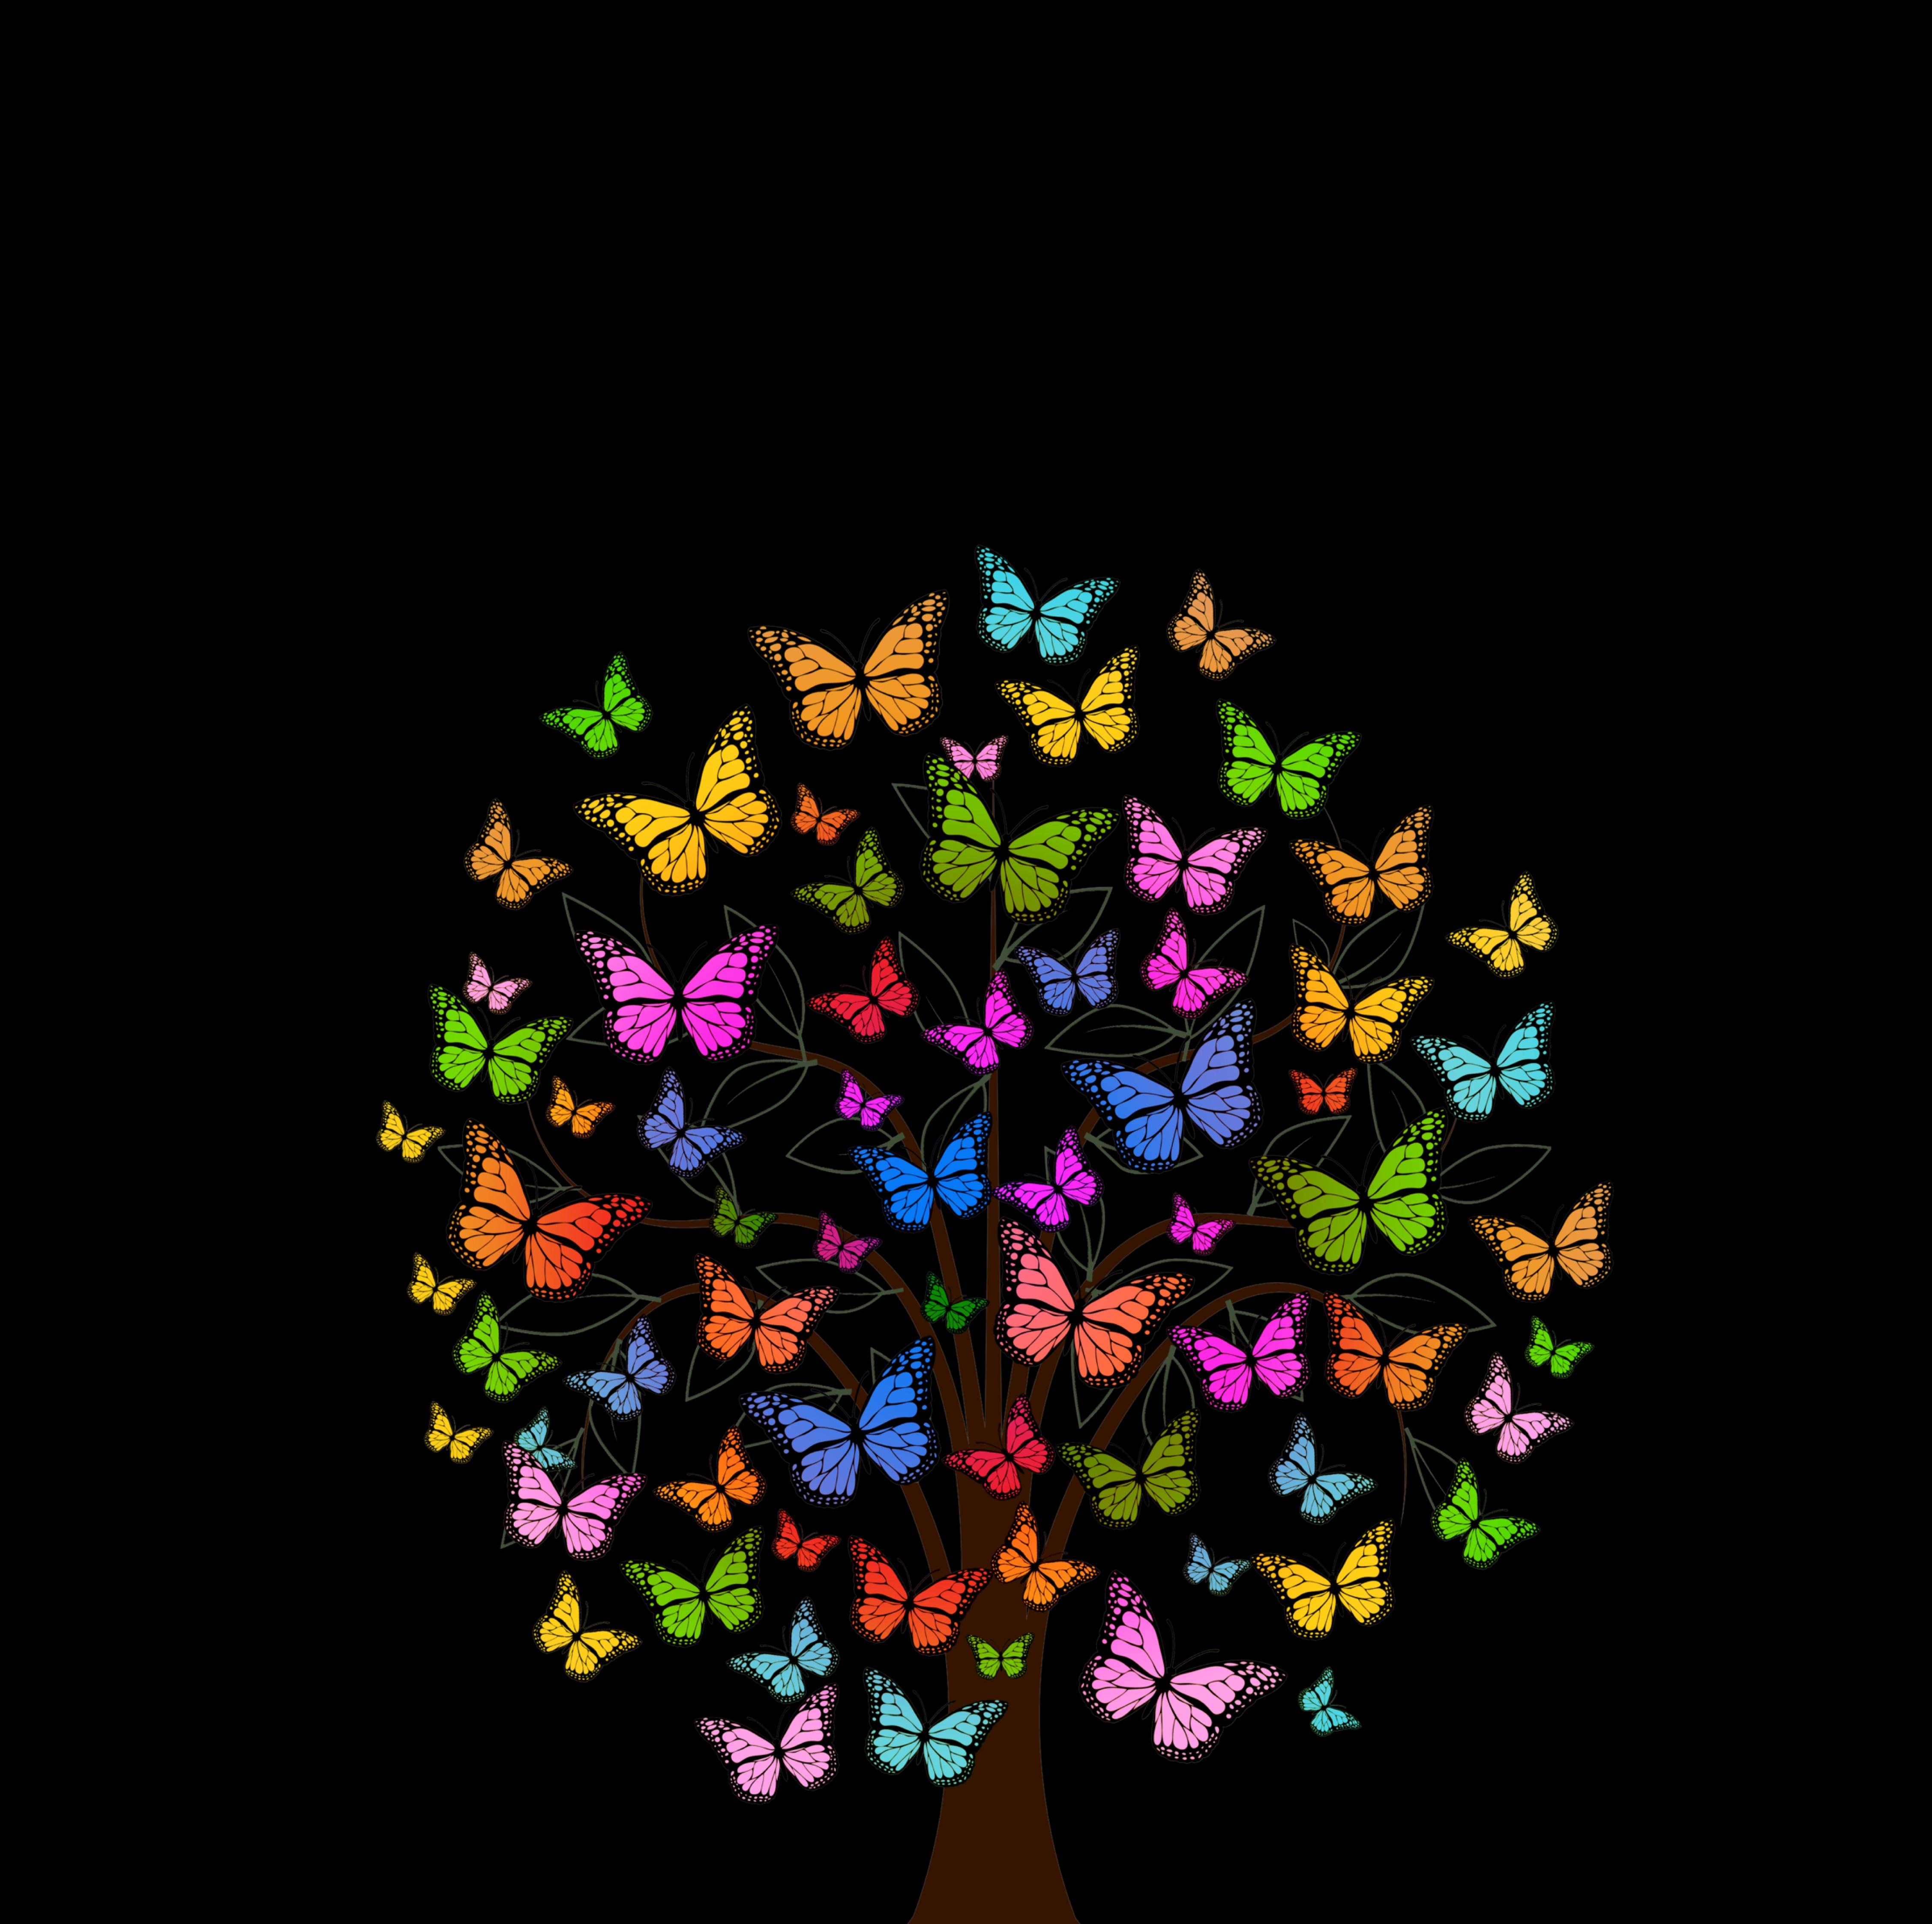 107267 скачать обои Бабочки, Узоры, Вектор, Разноцветный, Дерево - заставки и картинки бесплатно